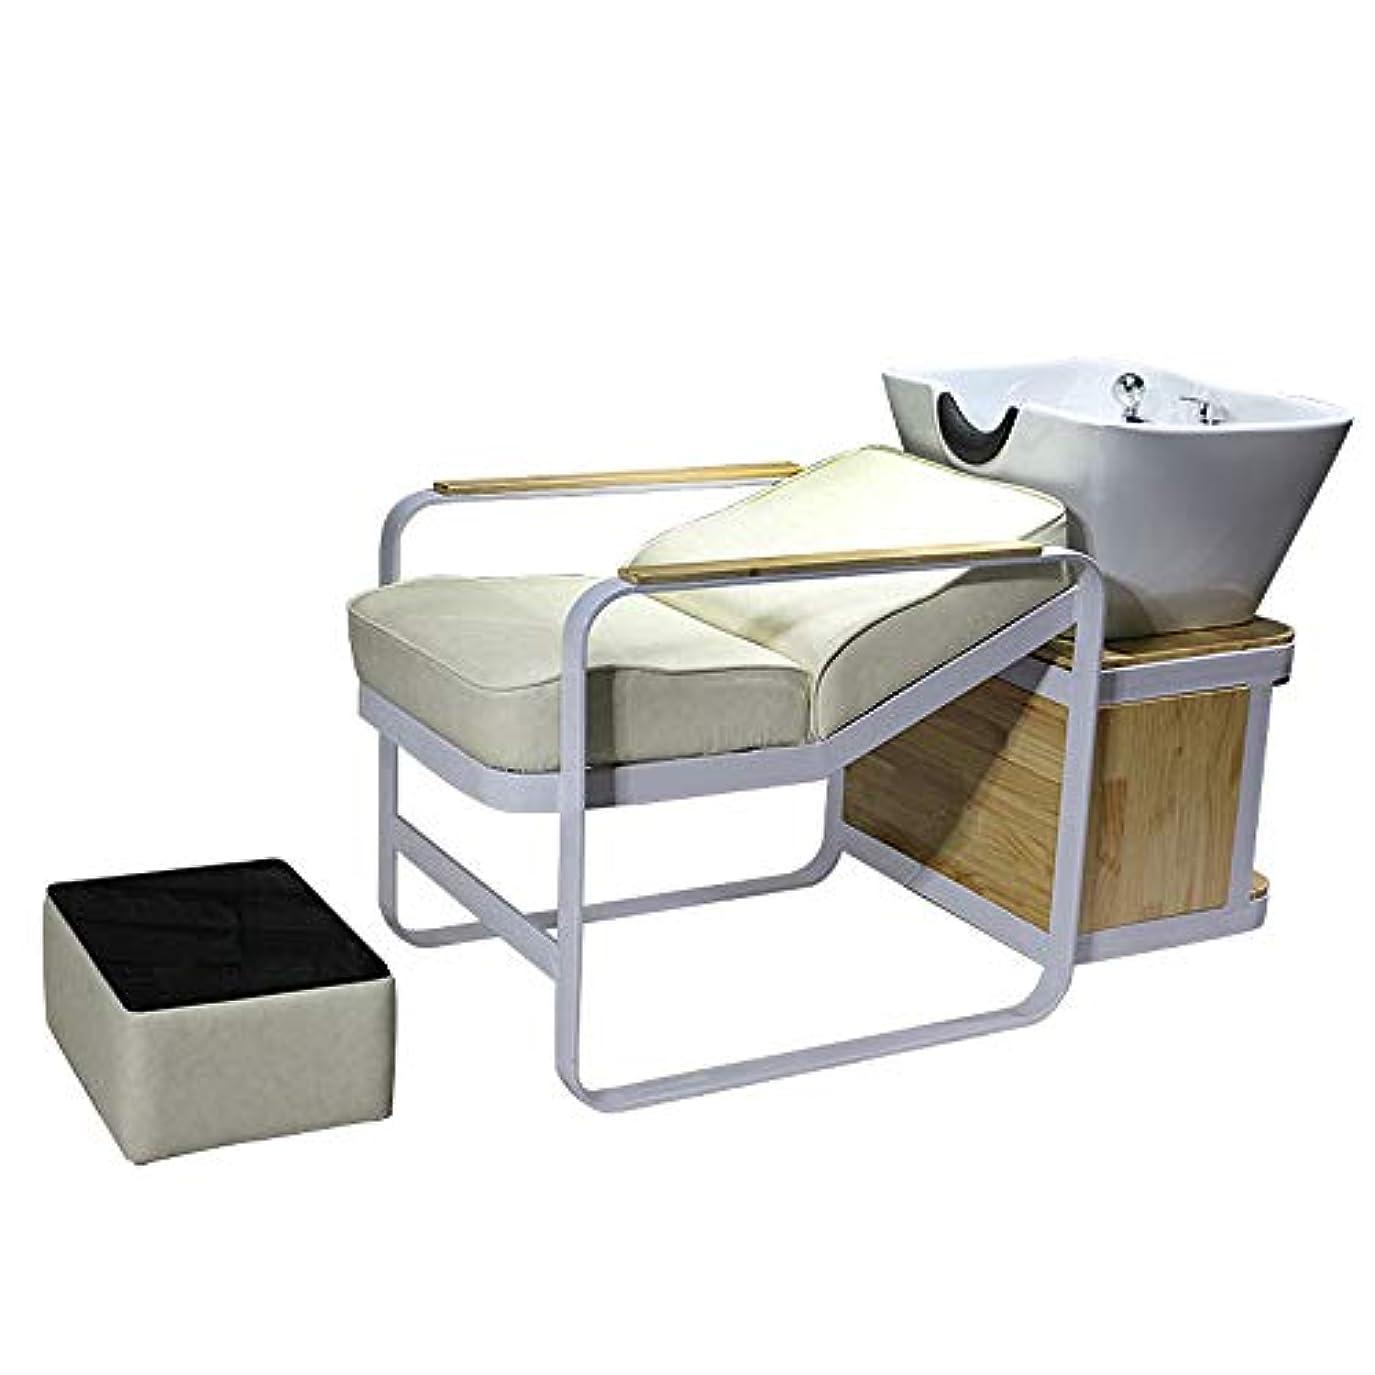 どれかピービッシュドナウ川シャンプーチェア、逆洗ユニットシャンプーボウル理髪シンクシンクチェア用スパ美容院機器用半埋め込みフラッシュベッド